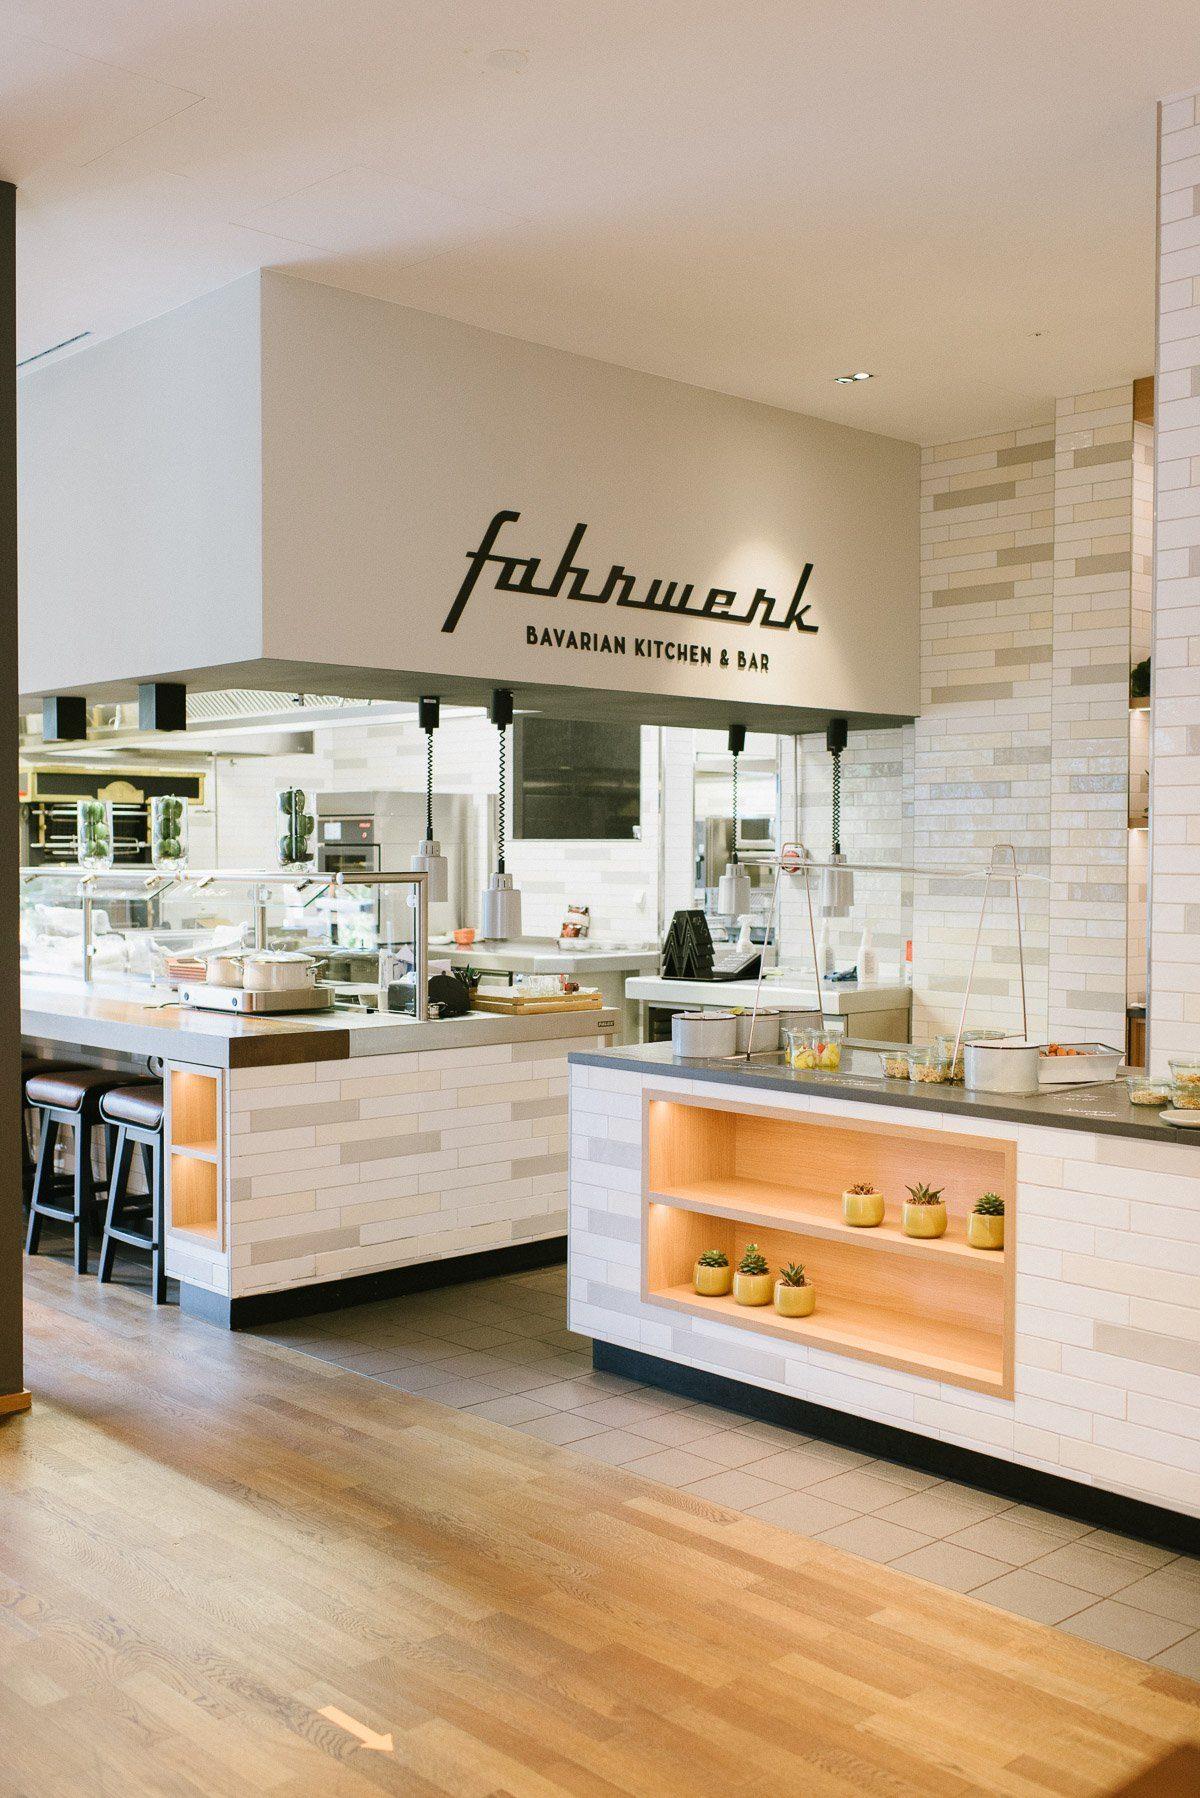 Fahrwerk Restaurant Hotel Courtyard by Marriott